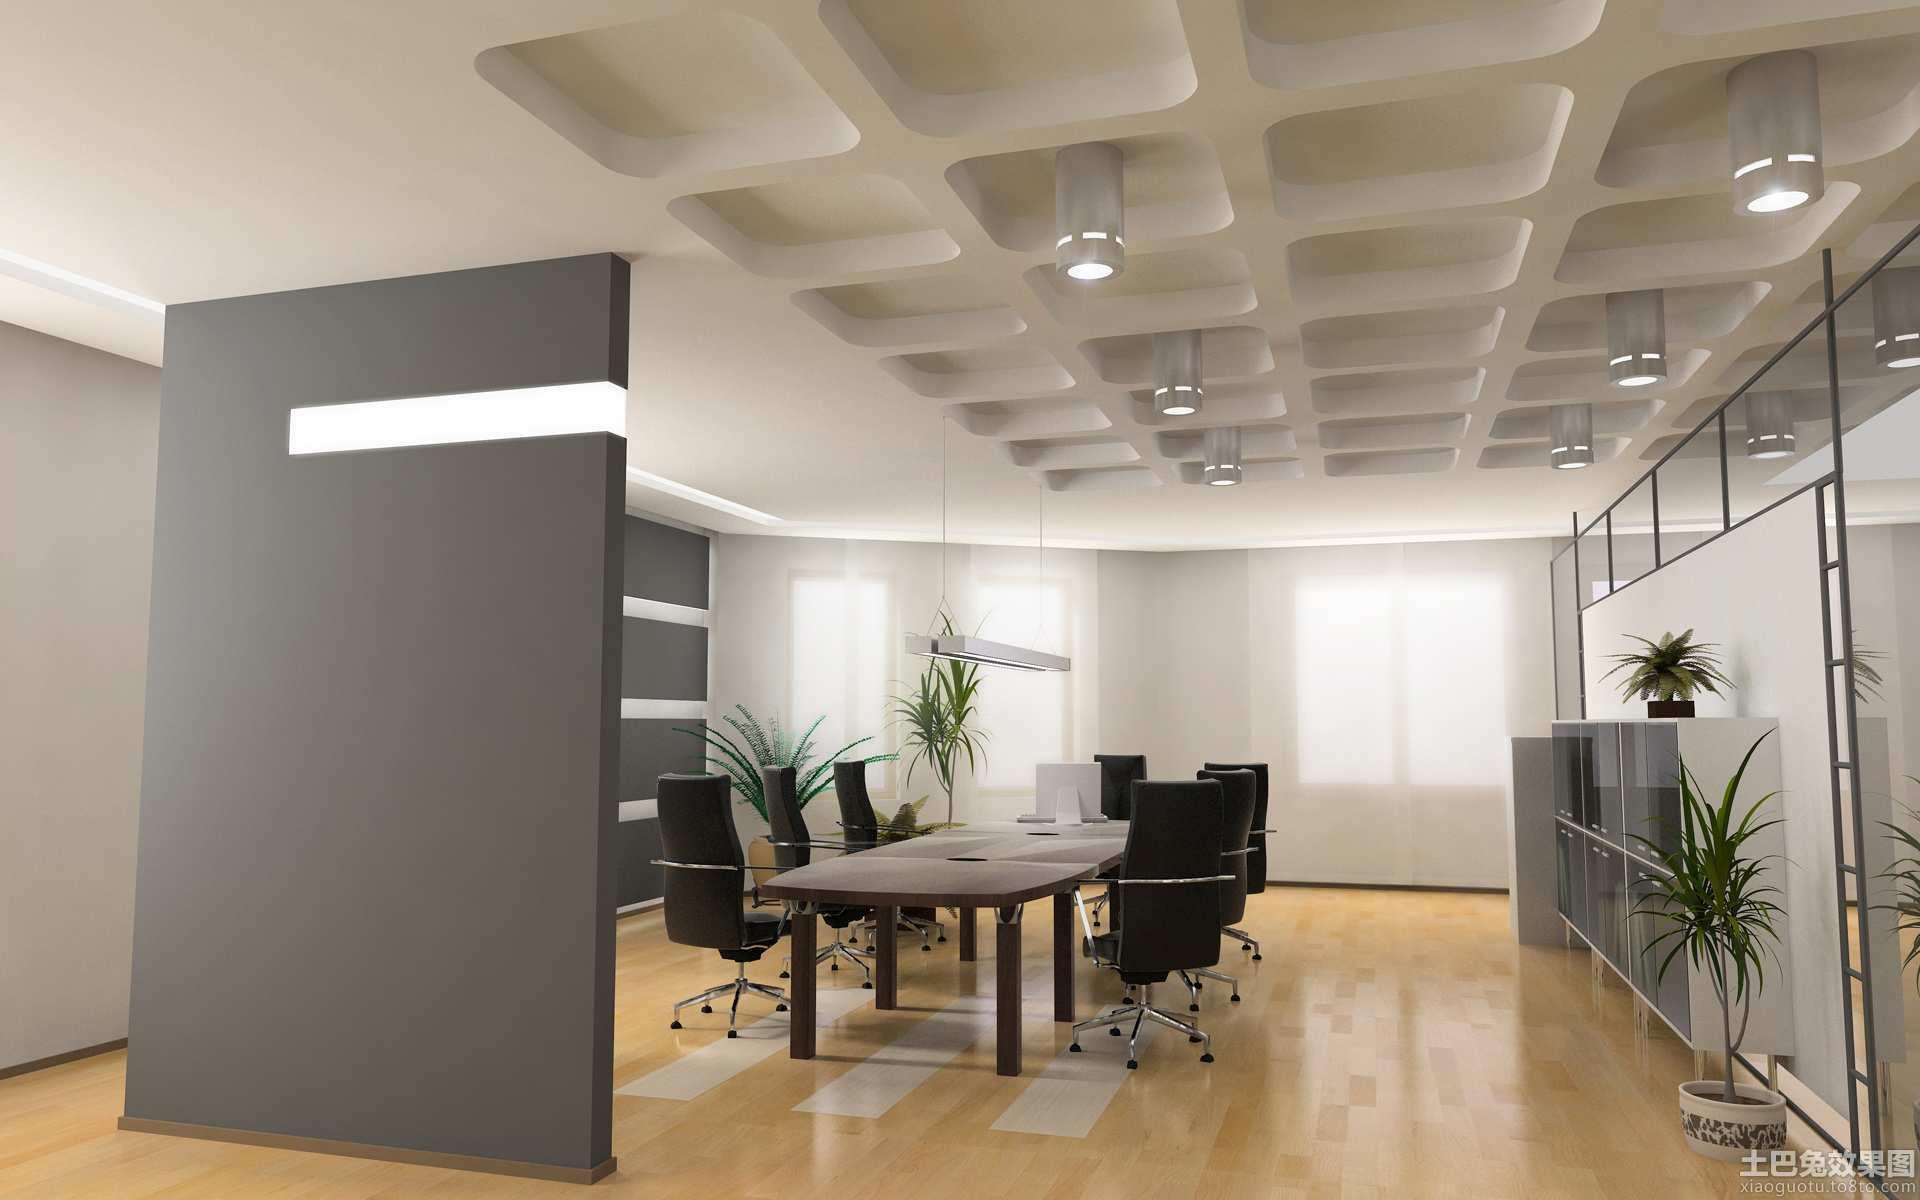 办公室会议室布局设计